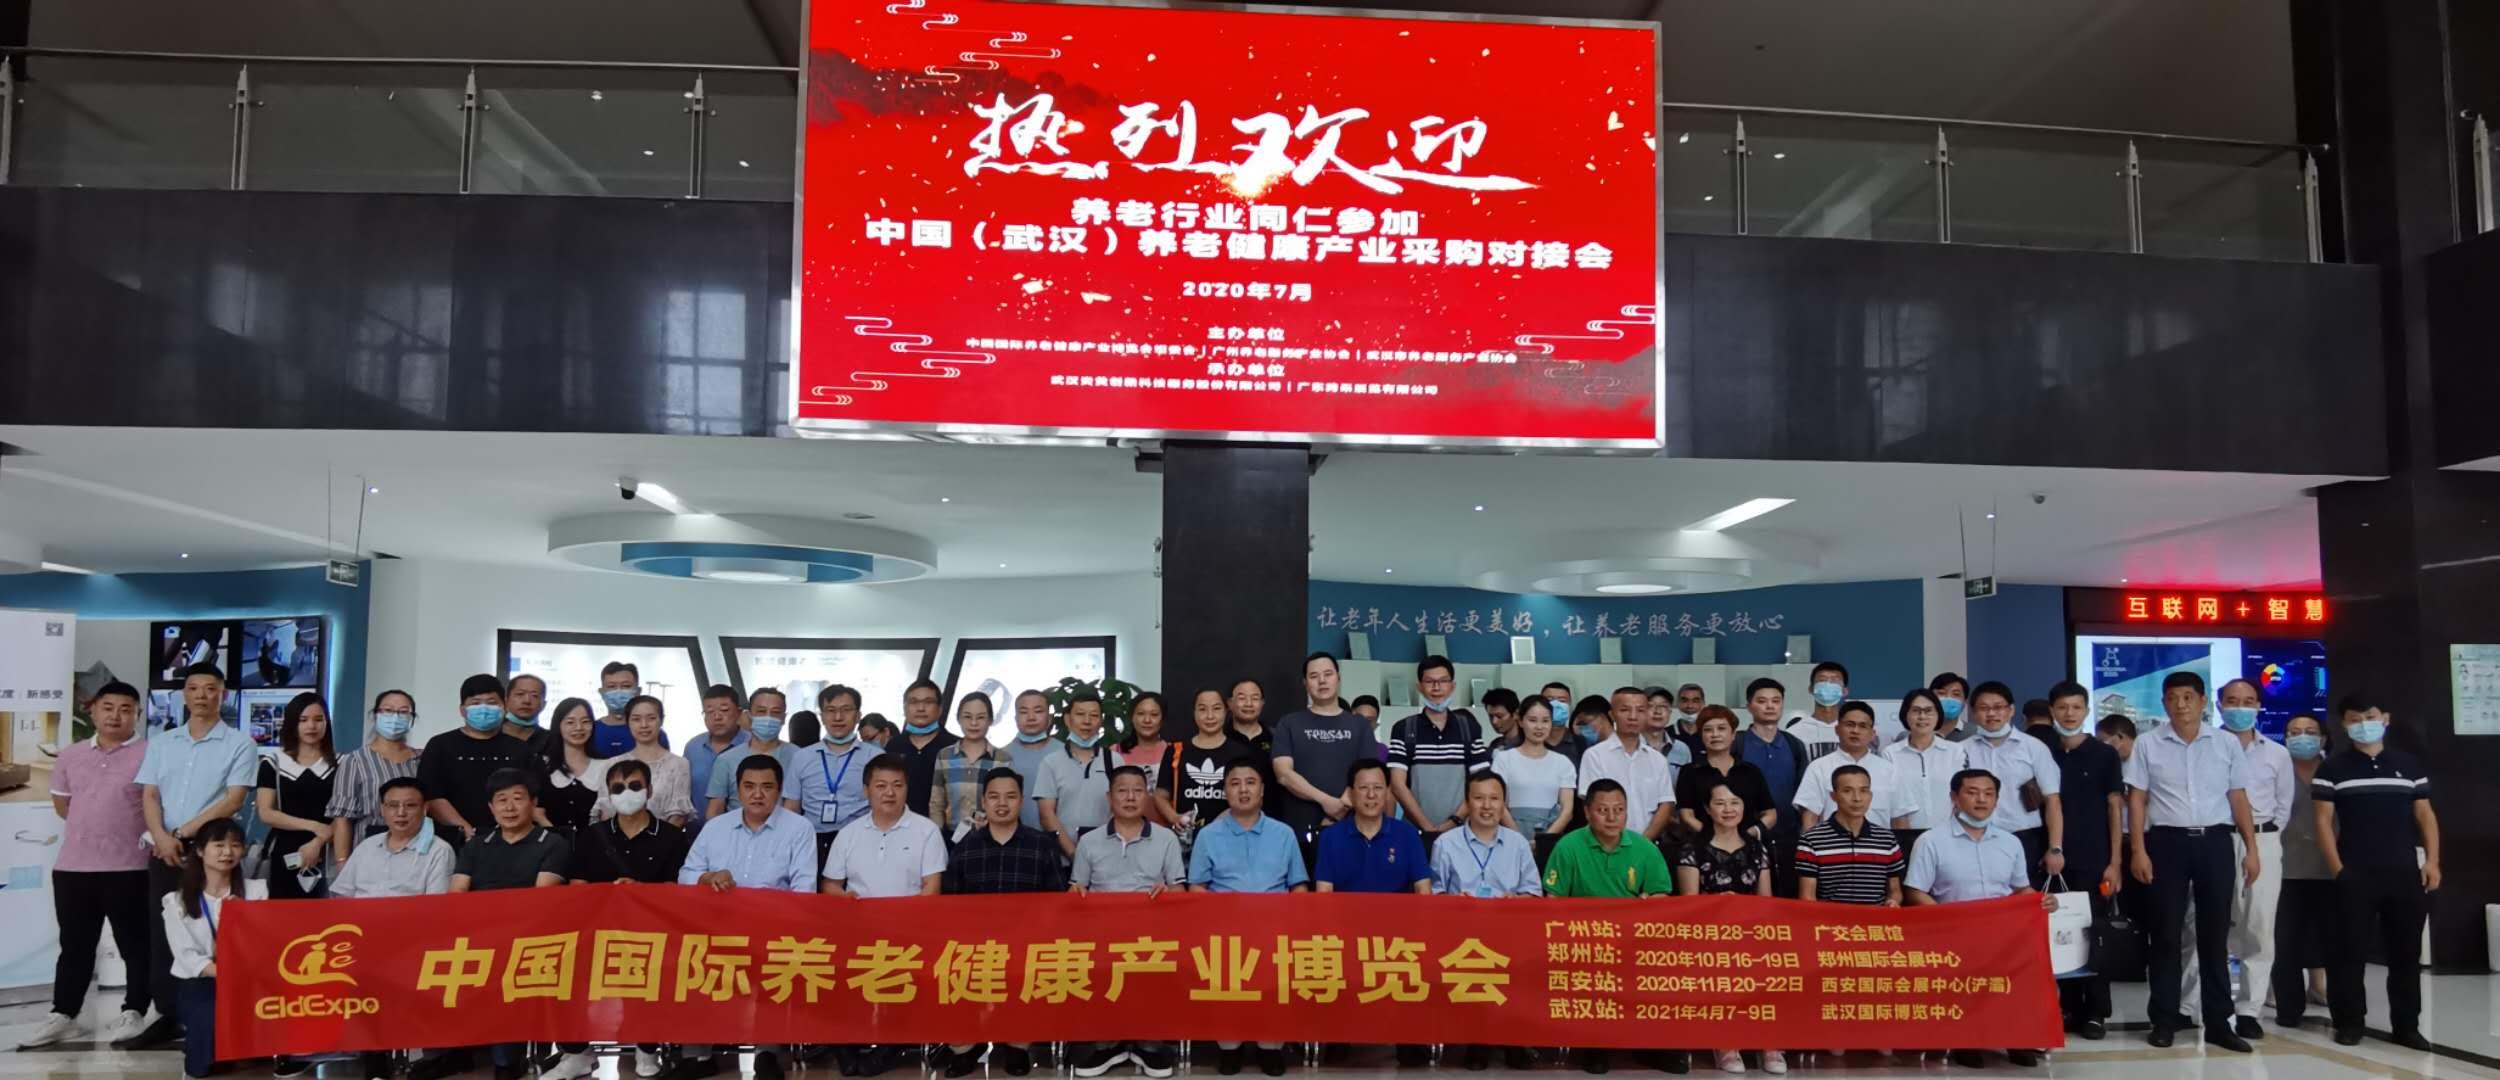 互网联+智慧养老融合务服采购流交会在汉成功举行